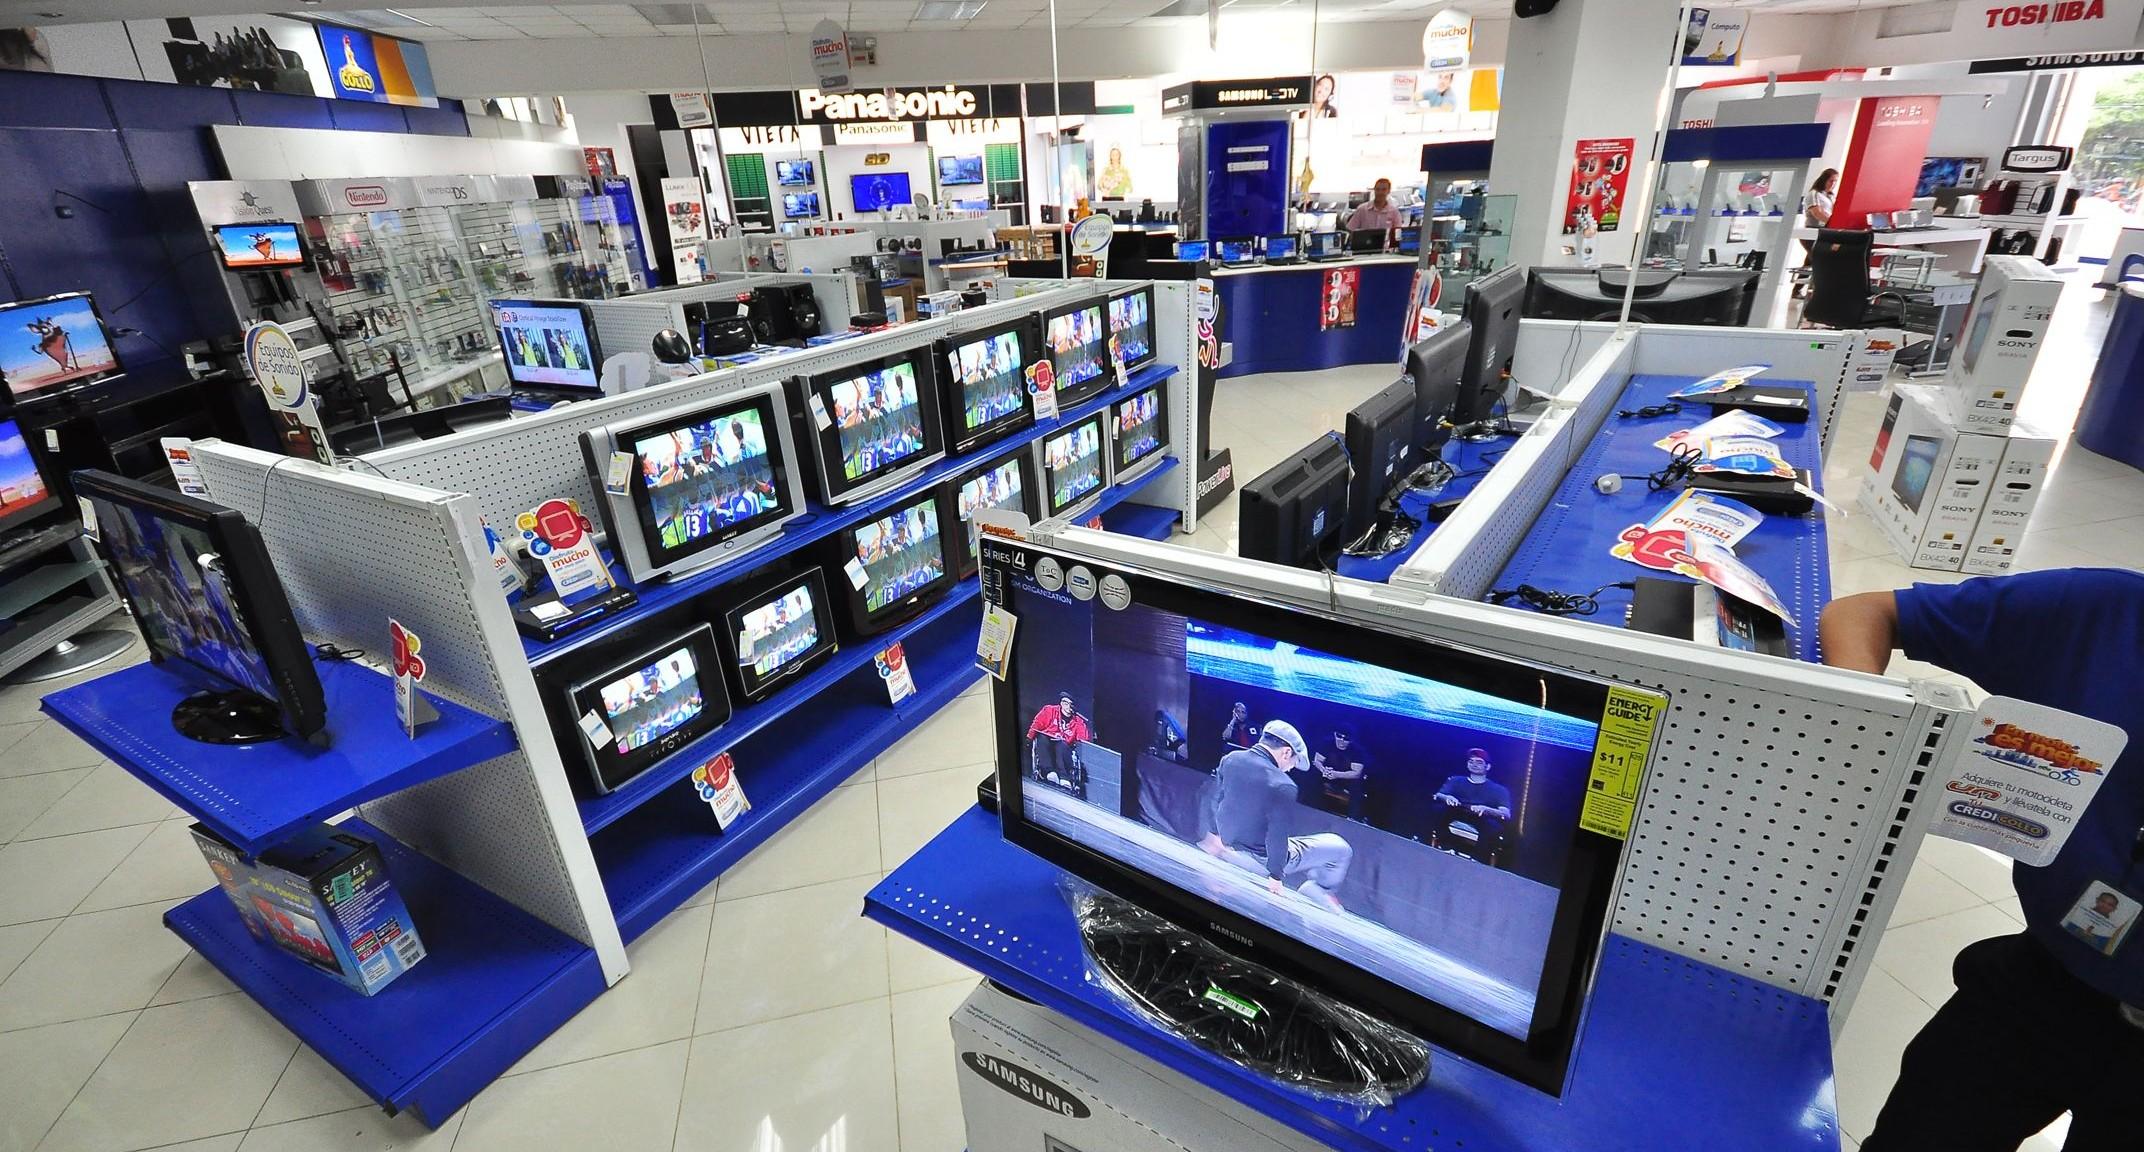 México es el lugar más económico de toda LATAM para comprar tecnología.